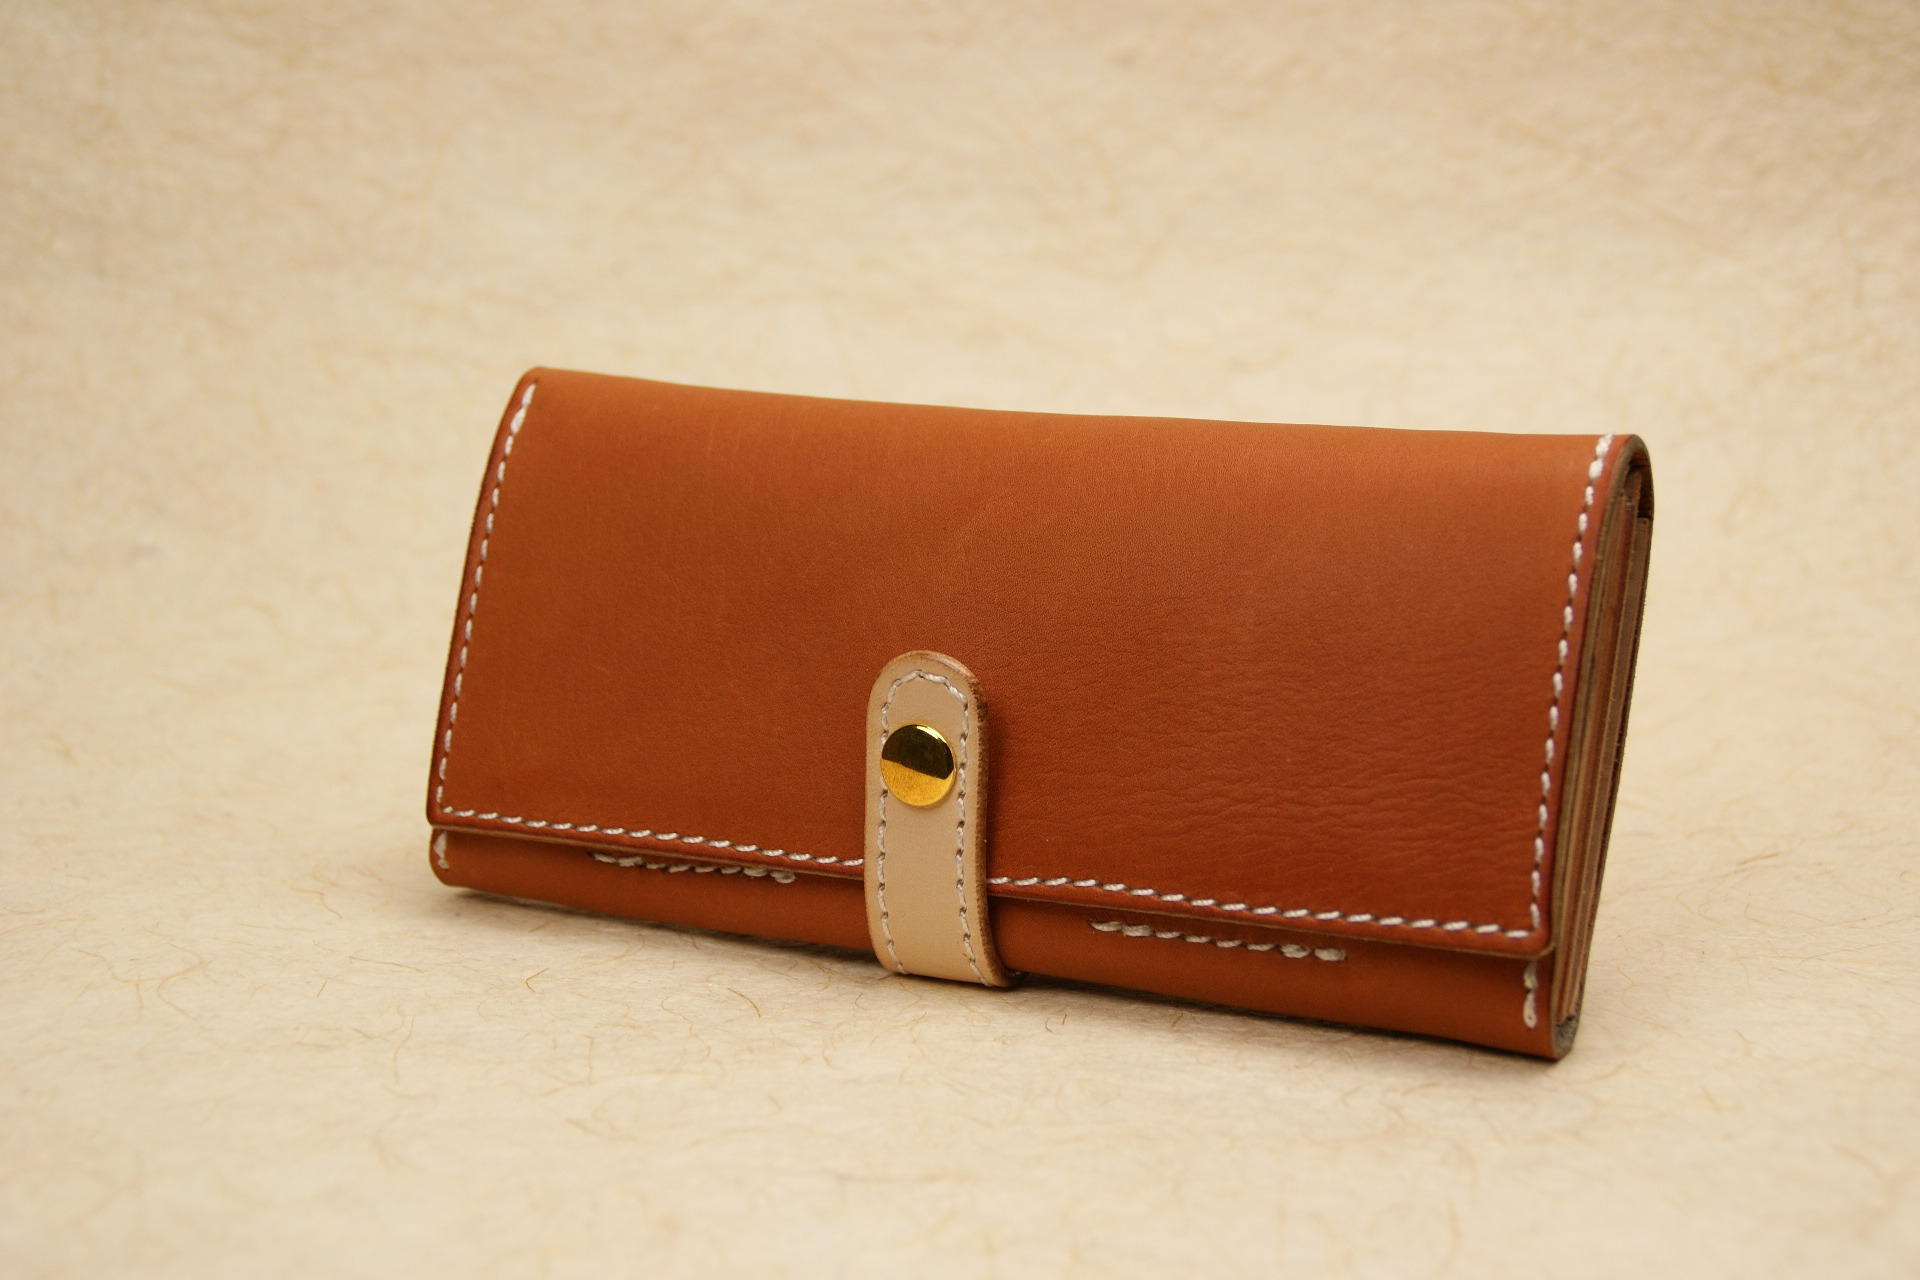 スリムな長財布 茶 牛革グローブ Leather wallet